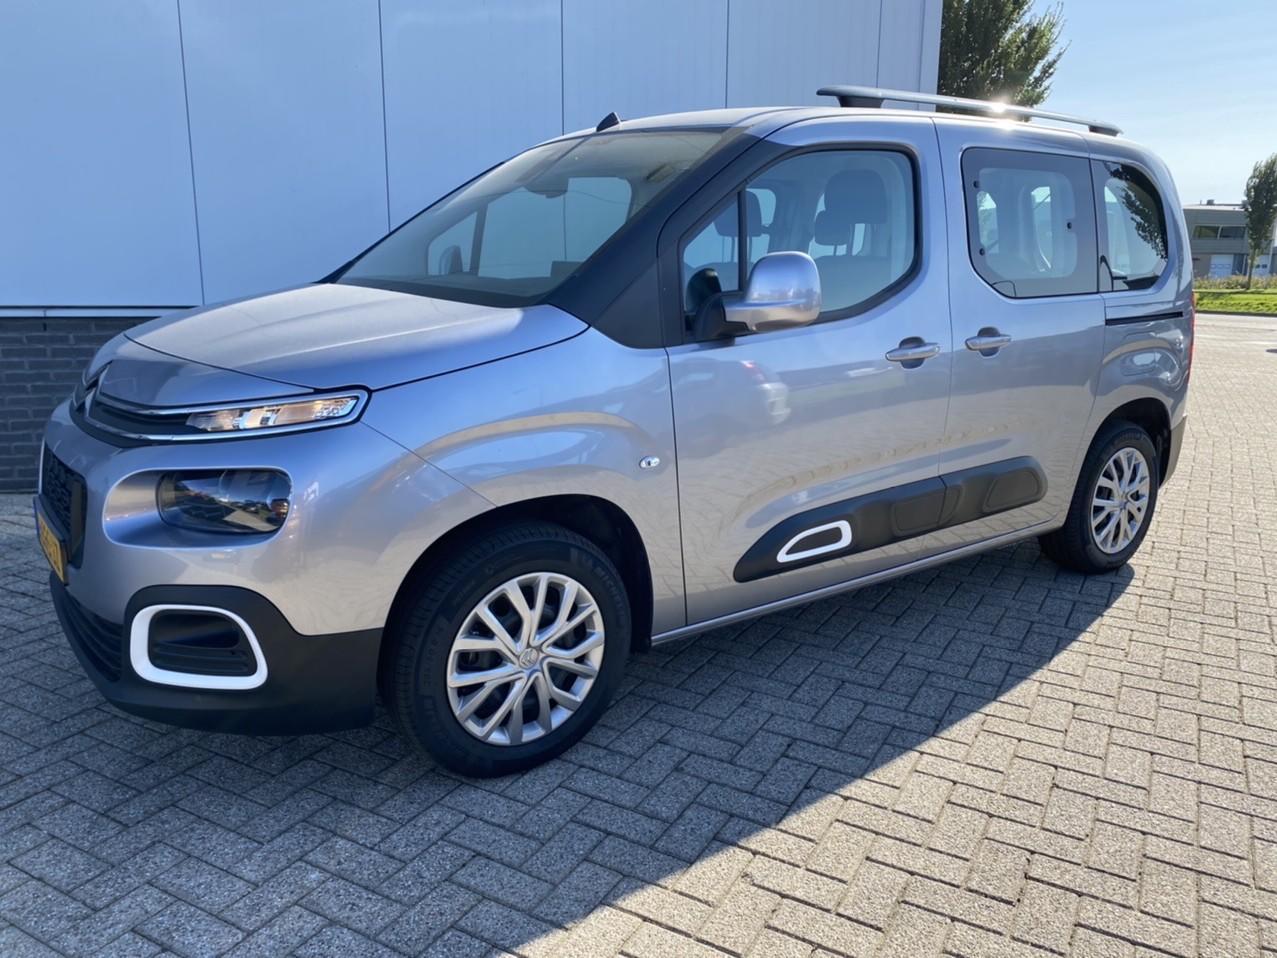 Citroën Berlingo 110 pk feel rijklaar prijs